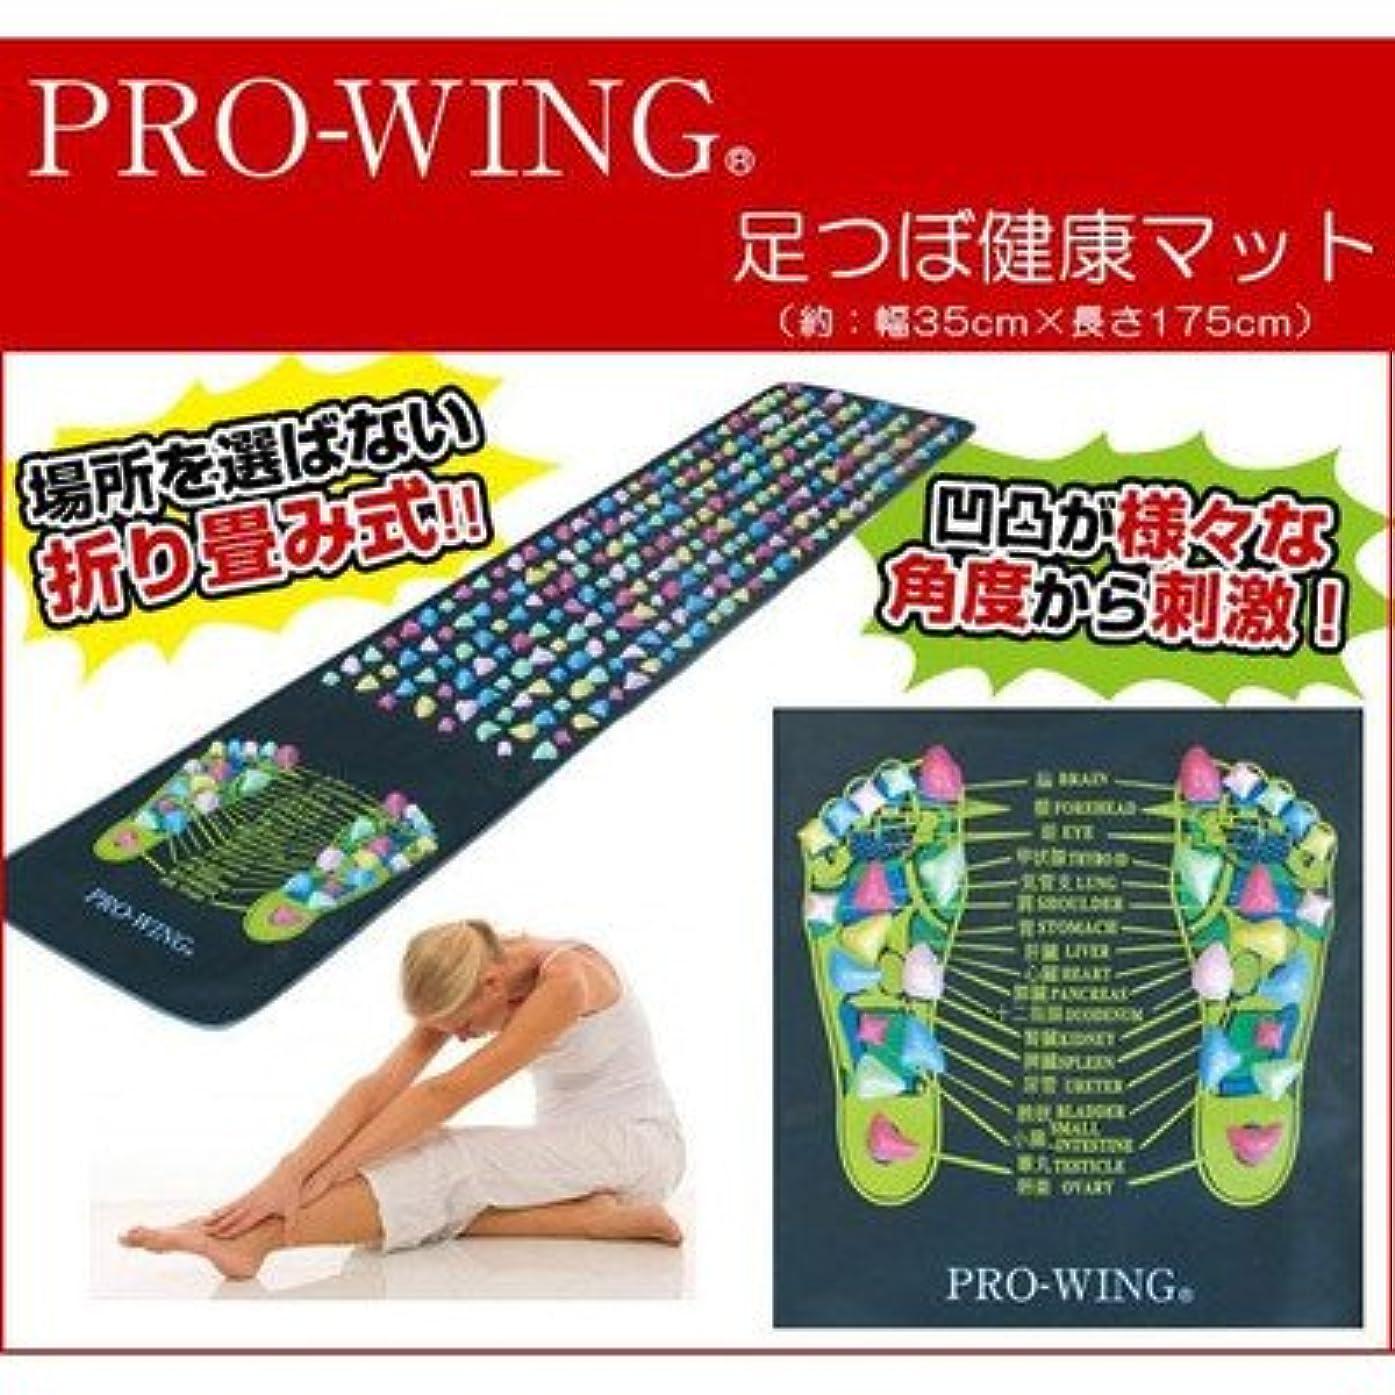 悲惨な関連付ける泣くカラフルで可愛らしい凹凸が様々な角度から刺激 PRO-WING プロウィング 足つぼ健康マット PWF-1001